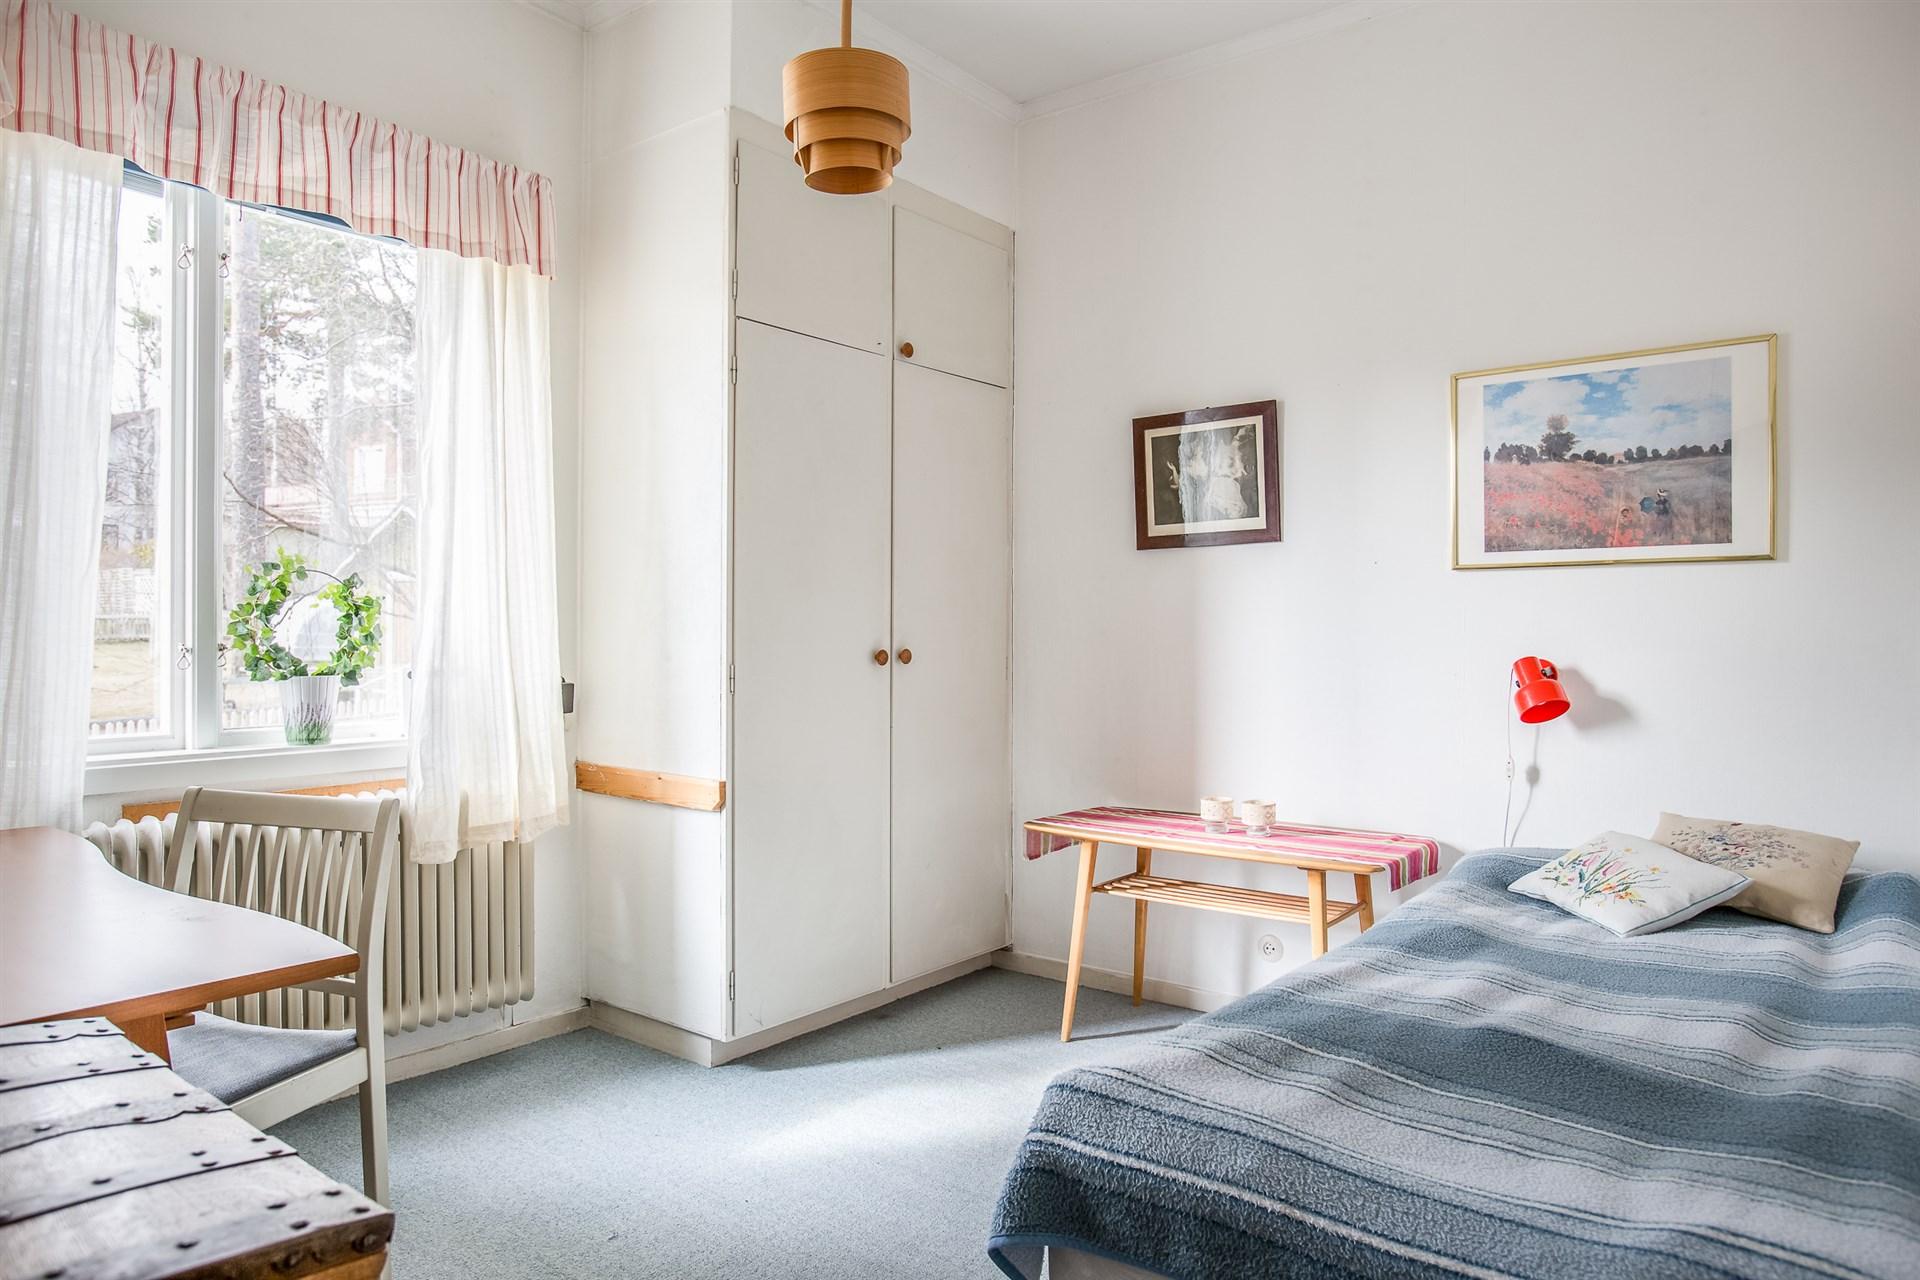 Sovrum på entrévåningen